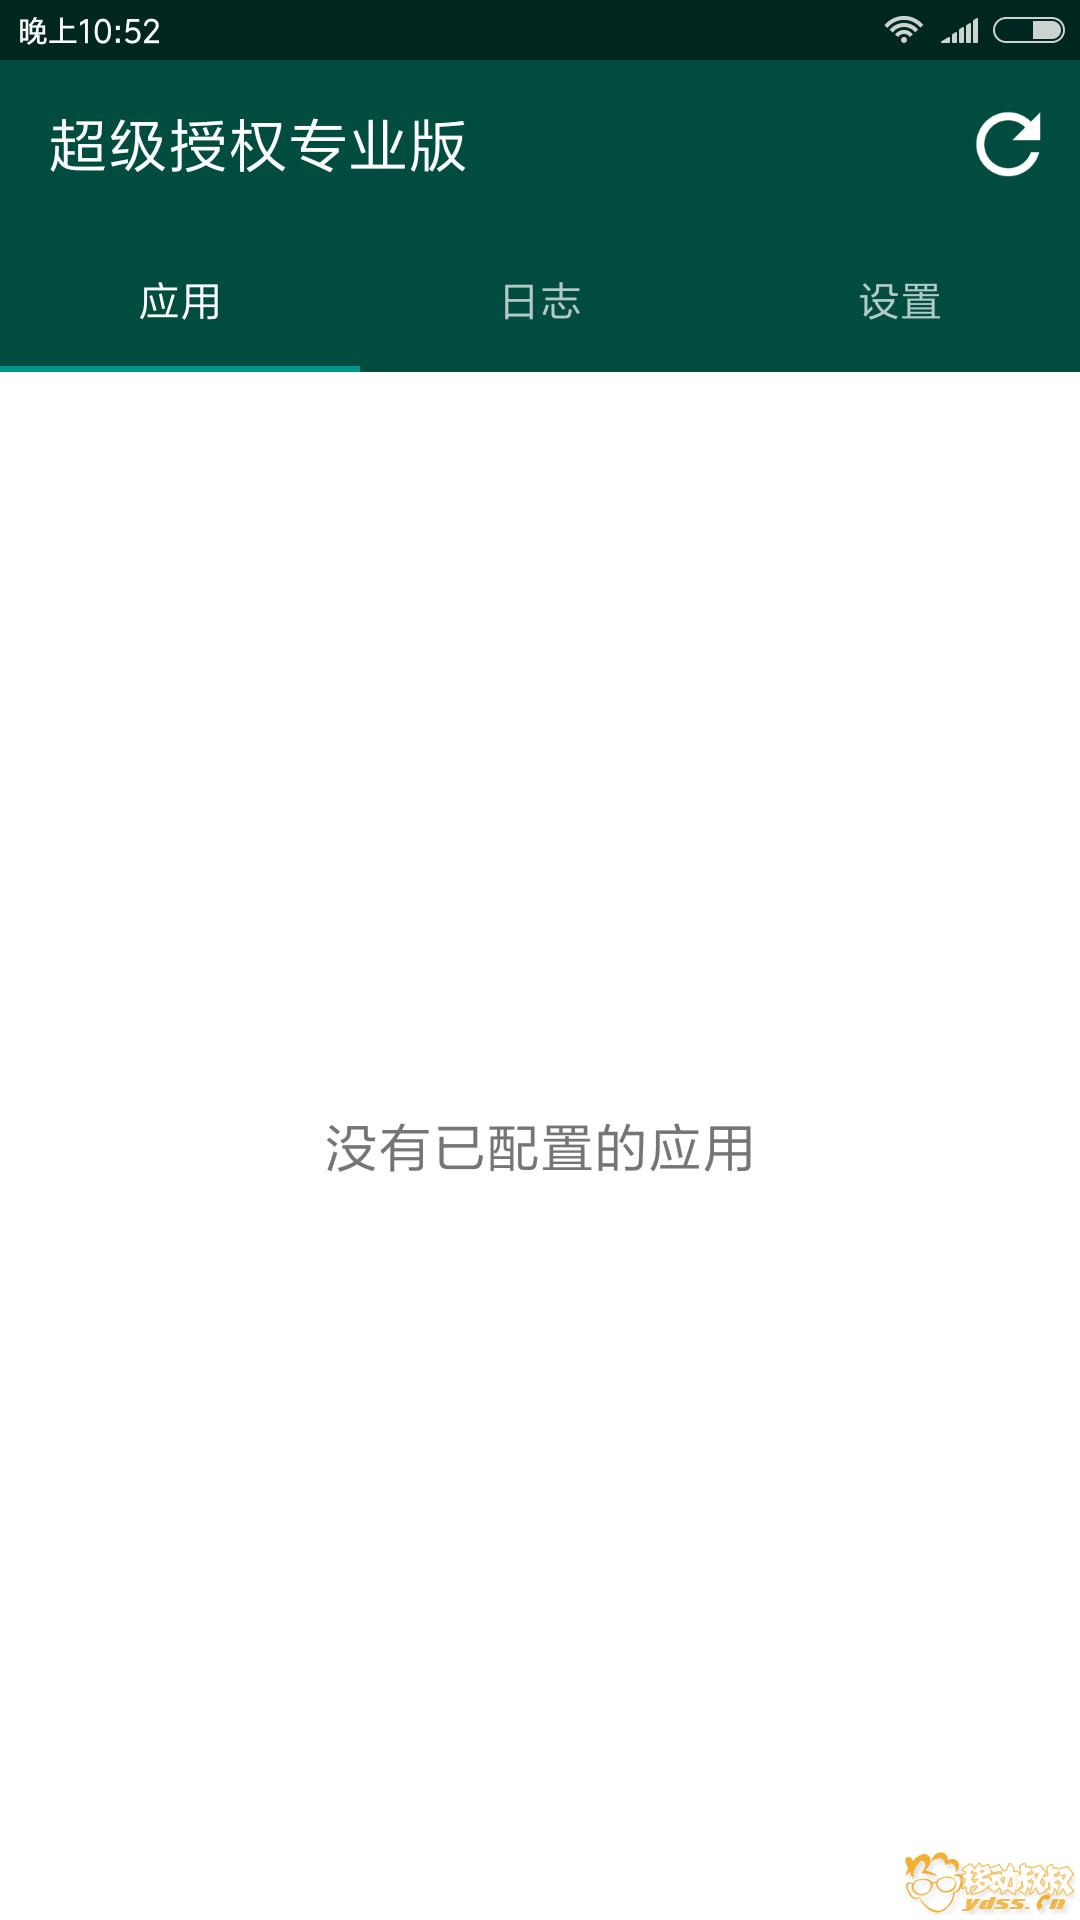 截图 (3).png